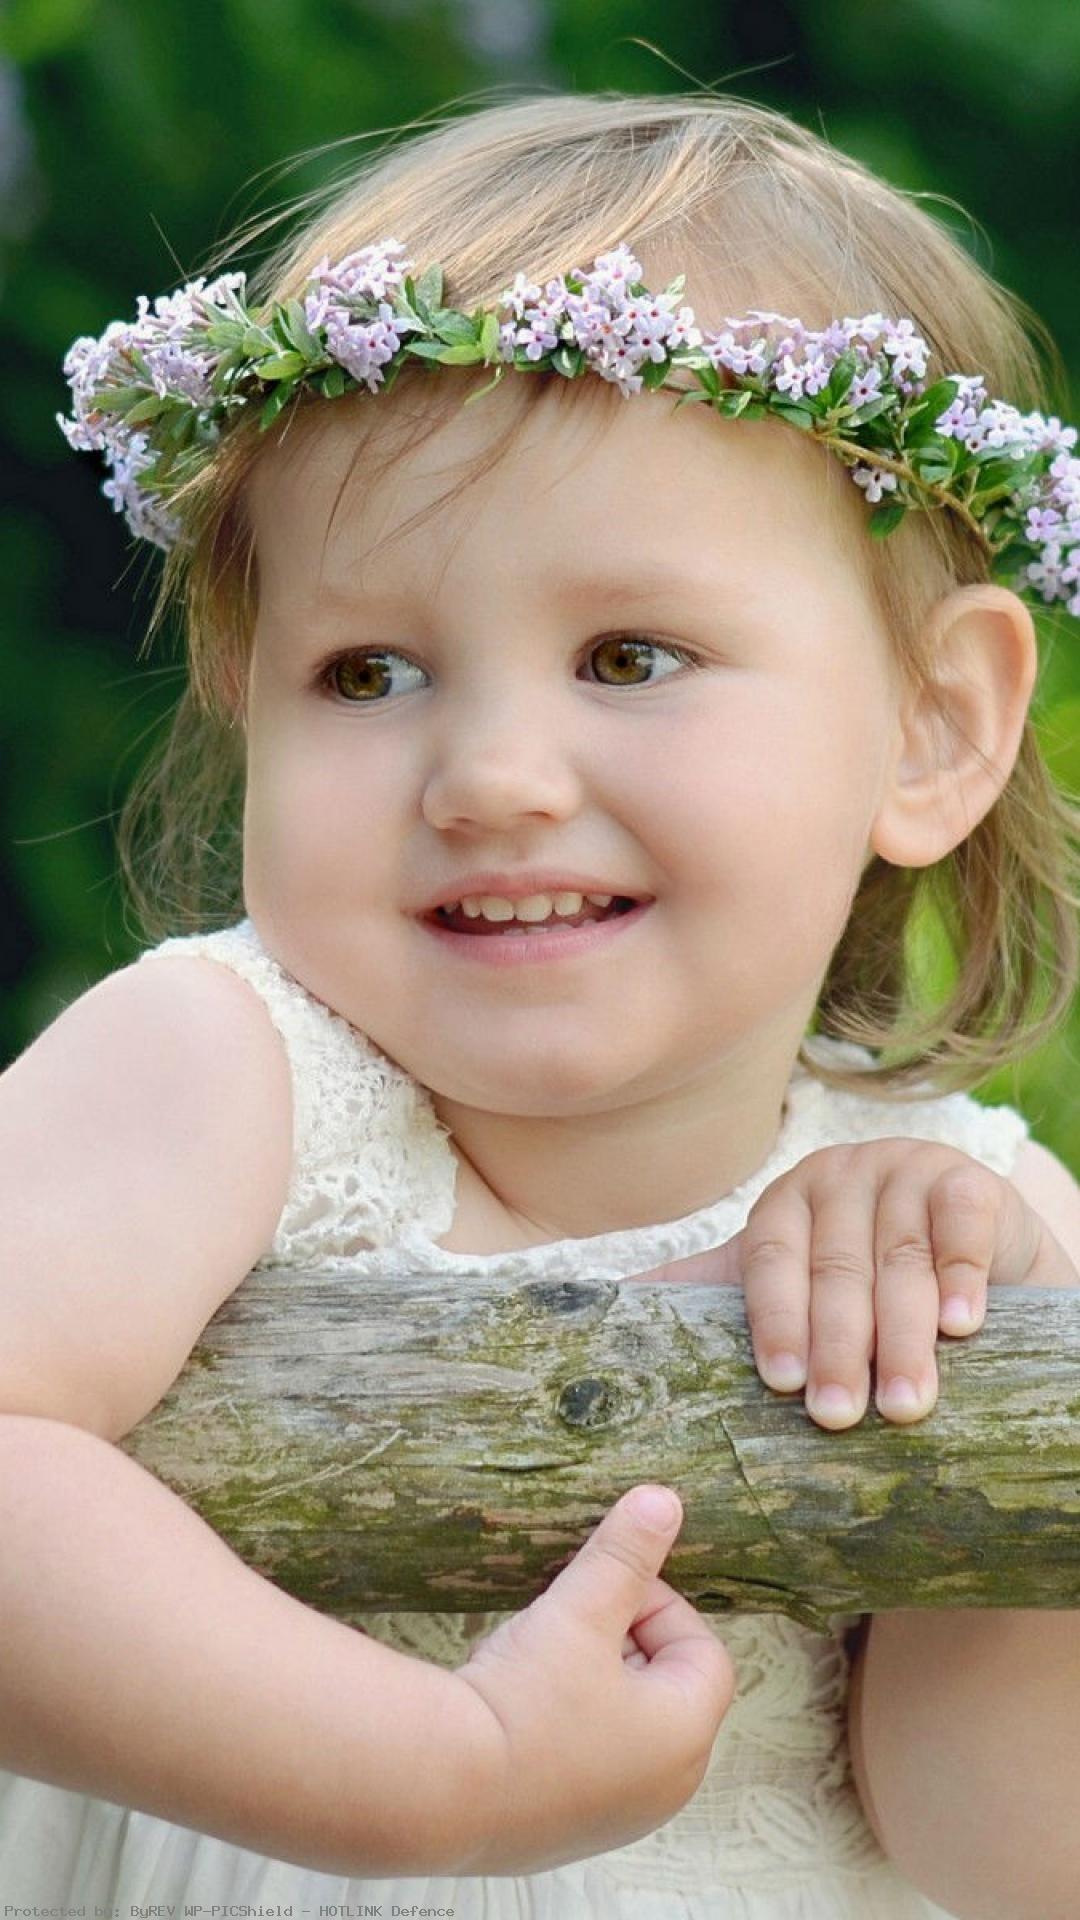 child-girl-wreath-summer-smile-wallpaper-wpt1003195